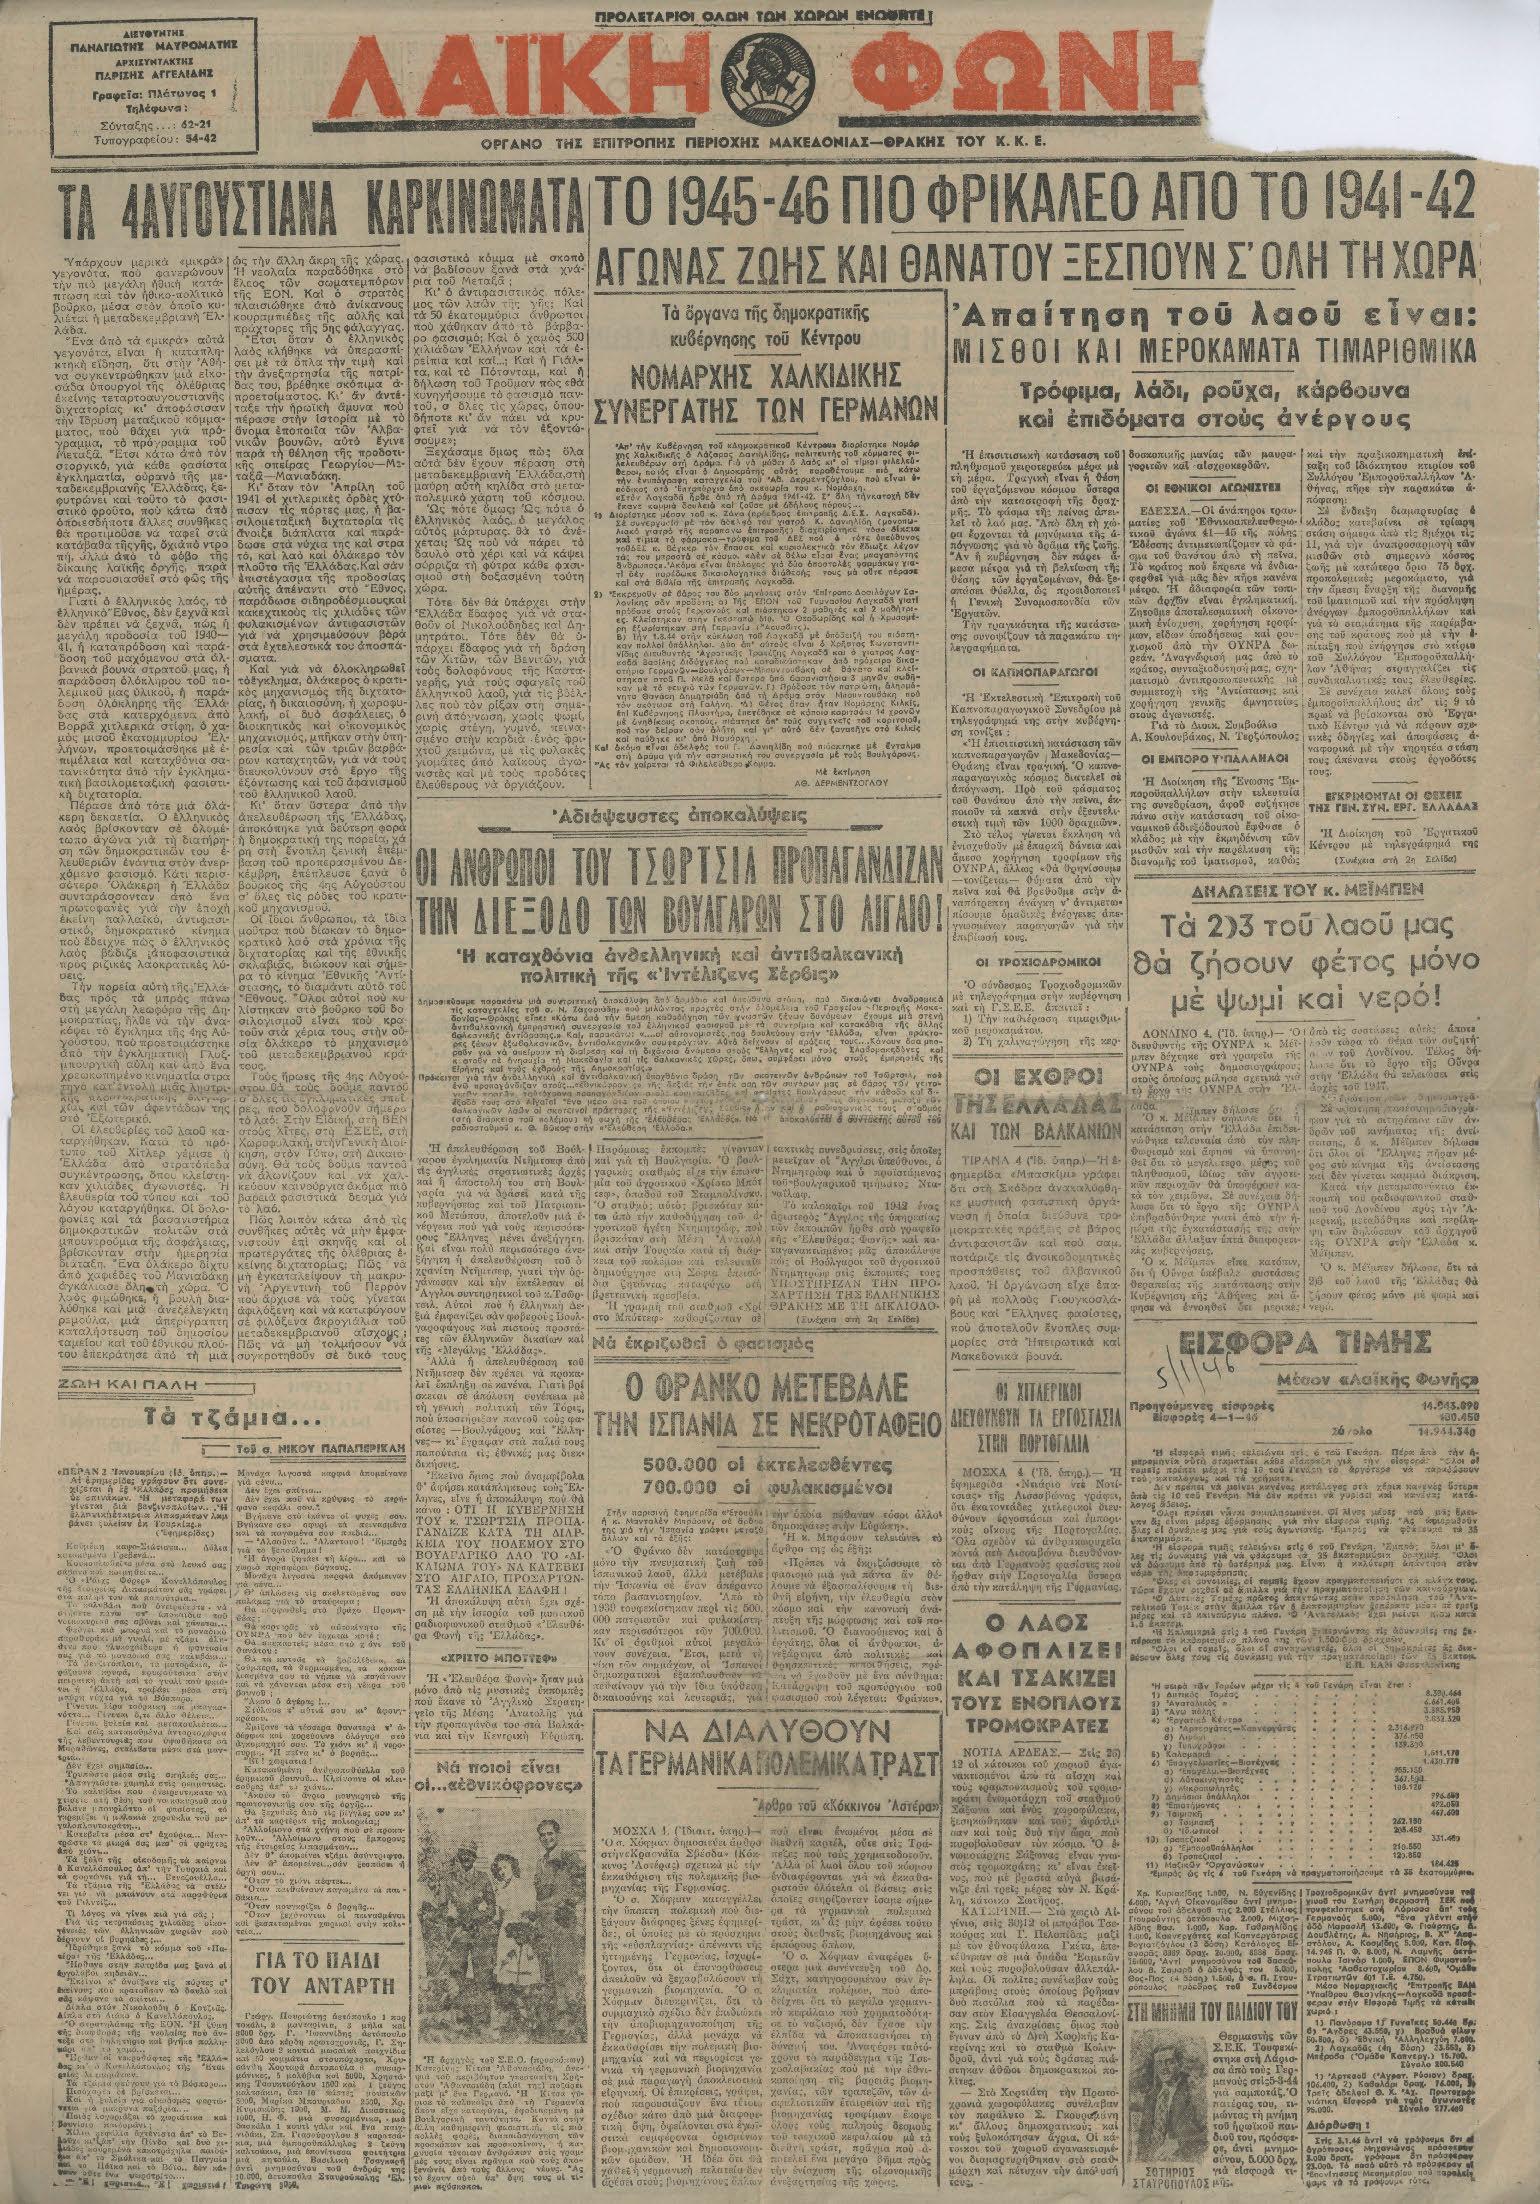 Αποκόμματα Εφημερίδων Διάφορα Νο 90